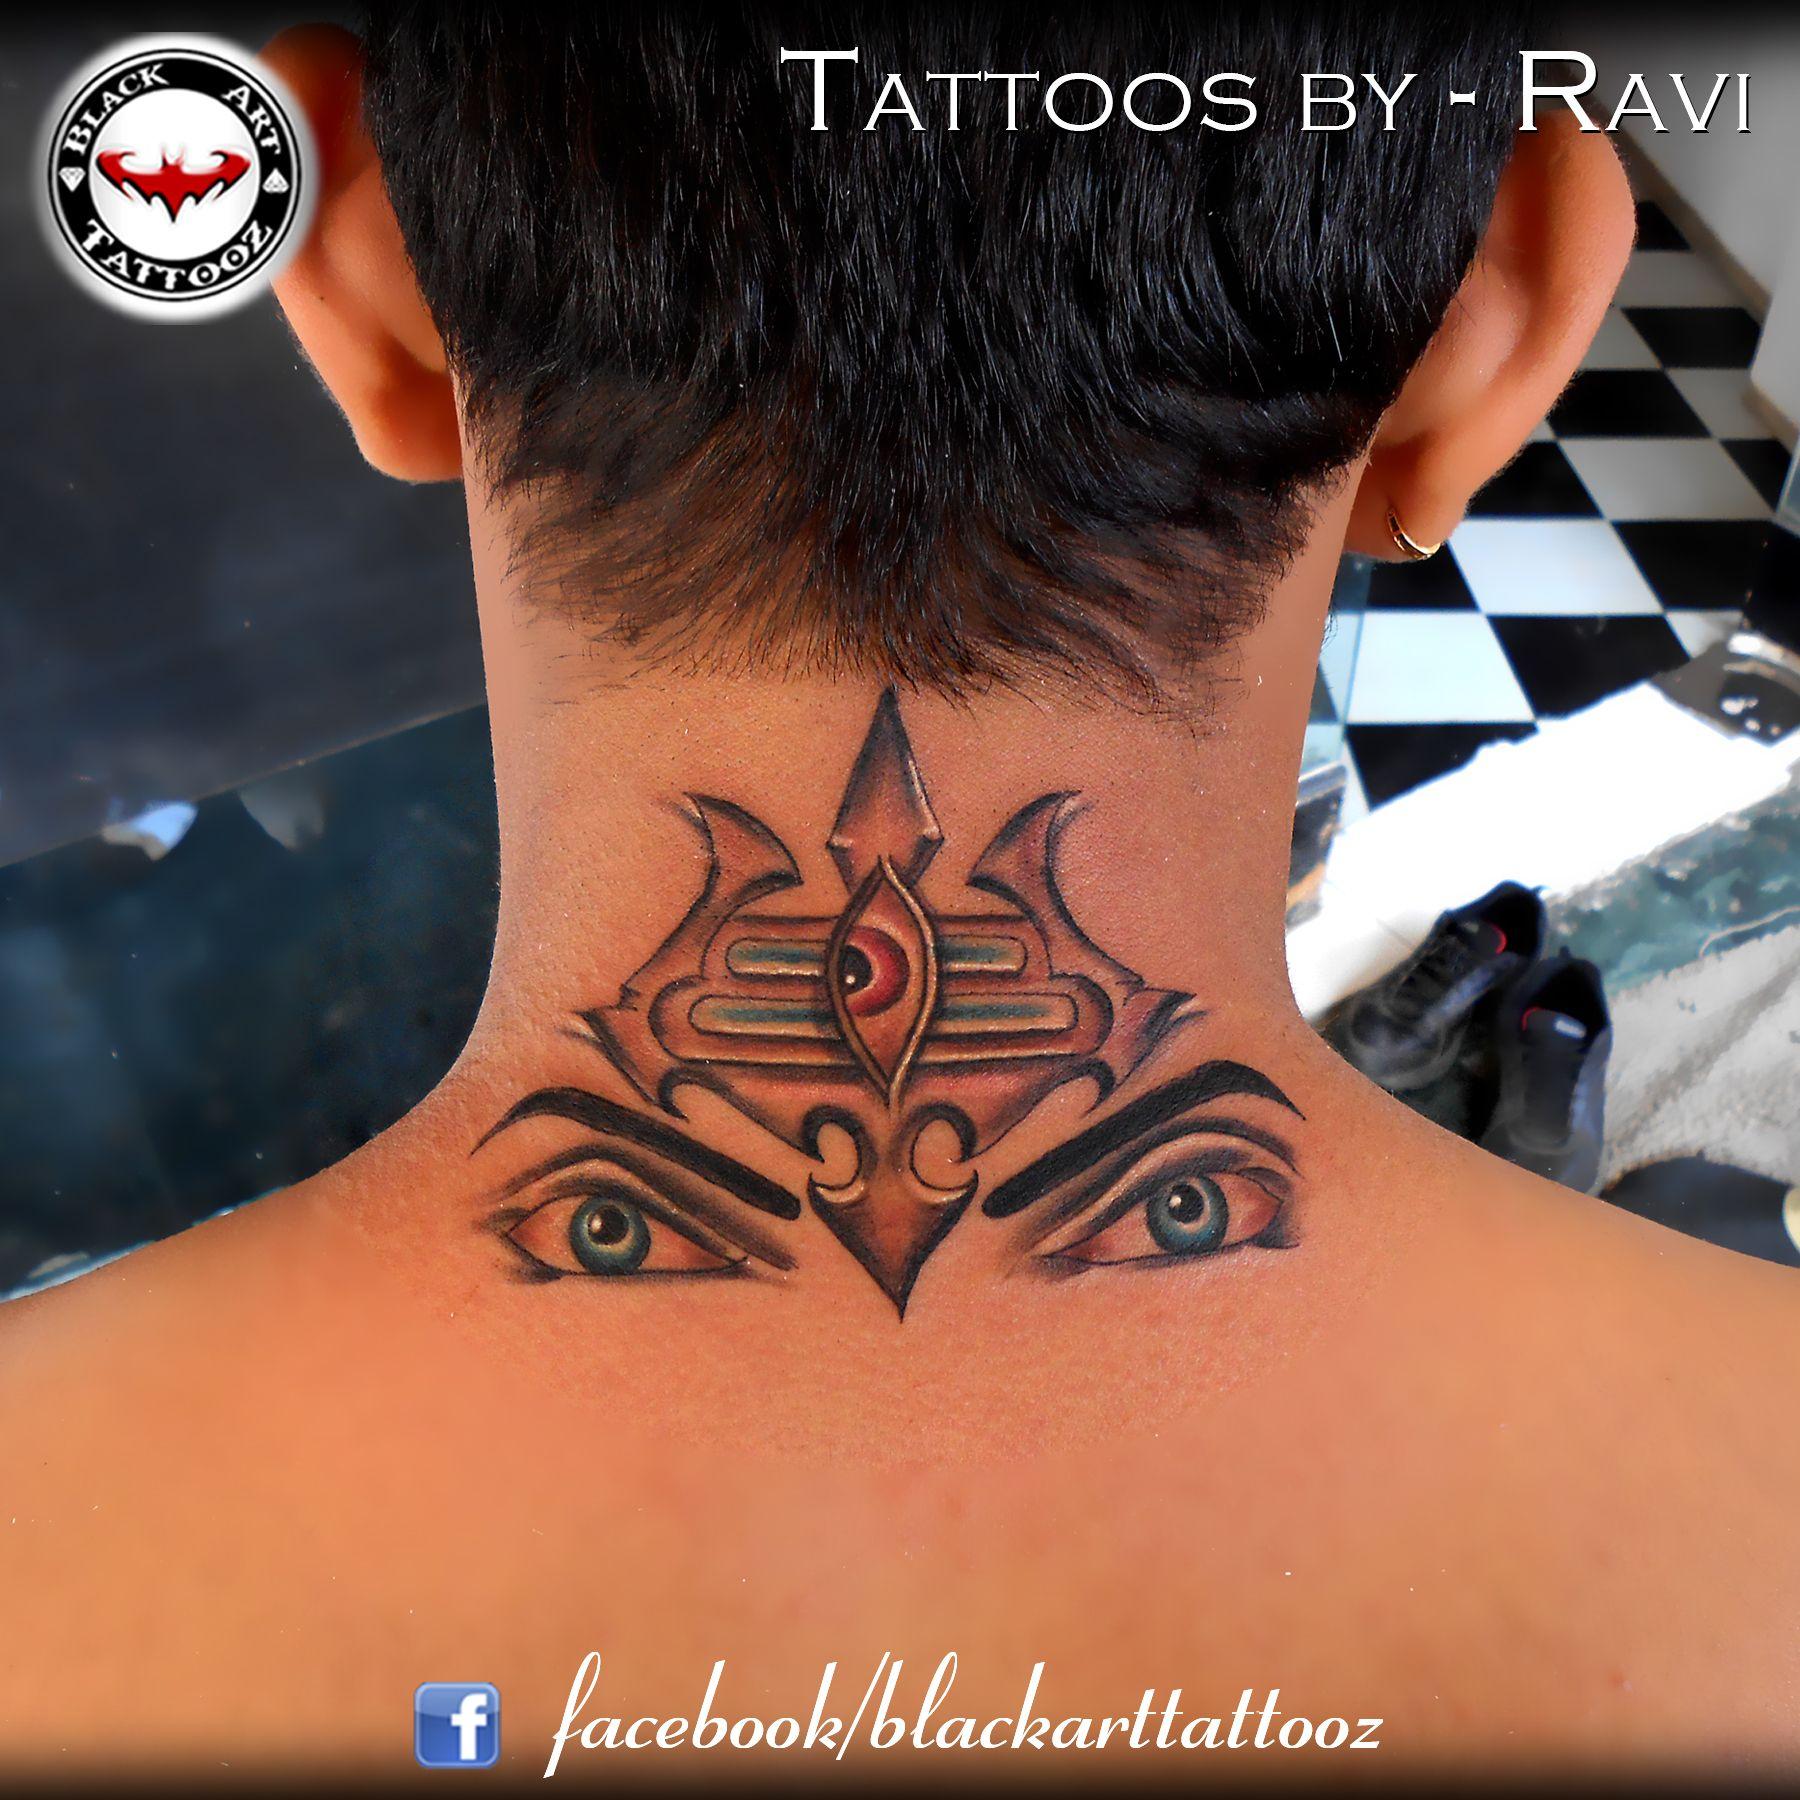 Best 10 Third Eye Tattoos Ideas On Pinterest: E90090020f3d395afe1a5685be372a14.jpg (1800×1800